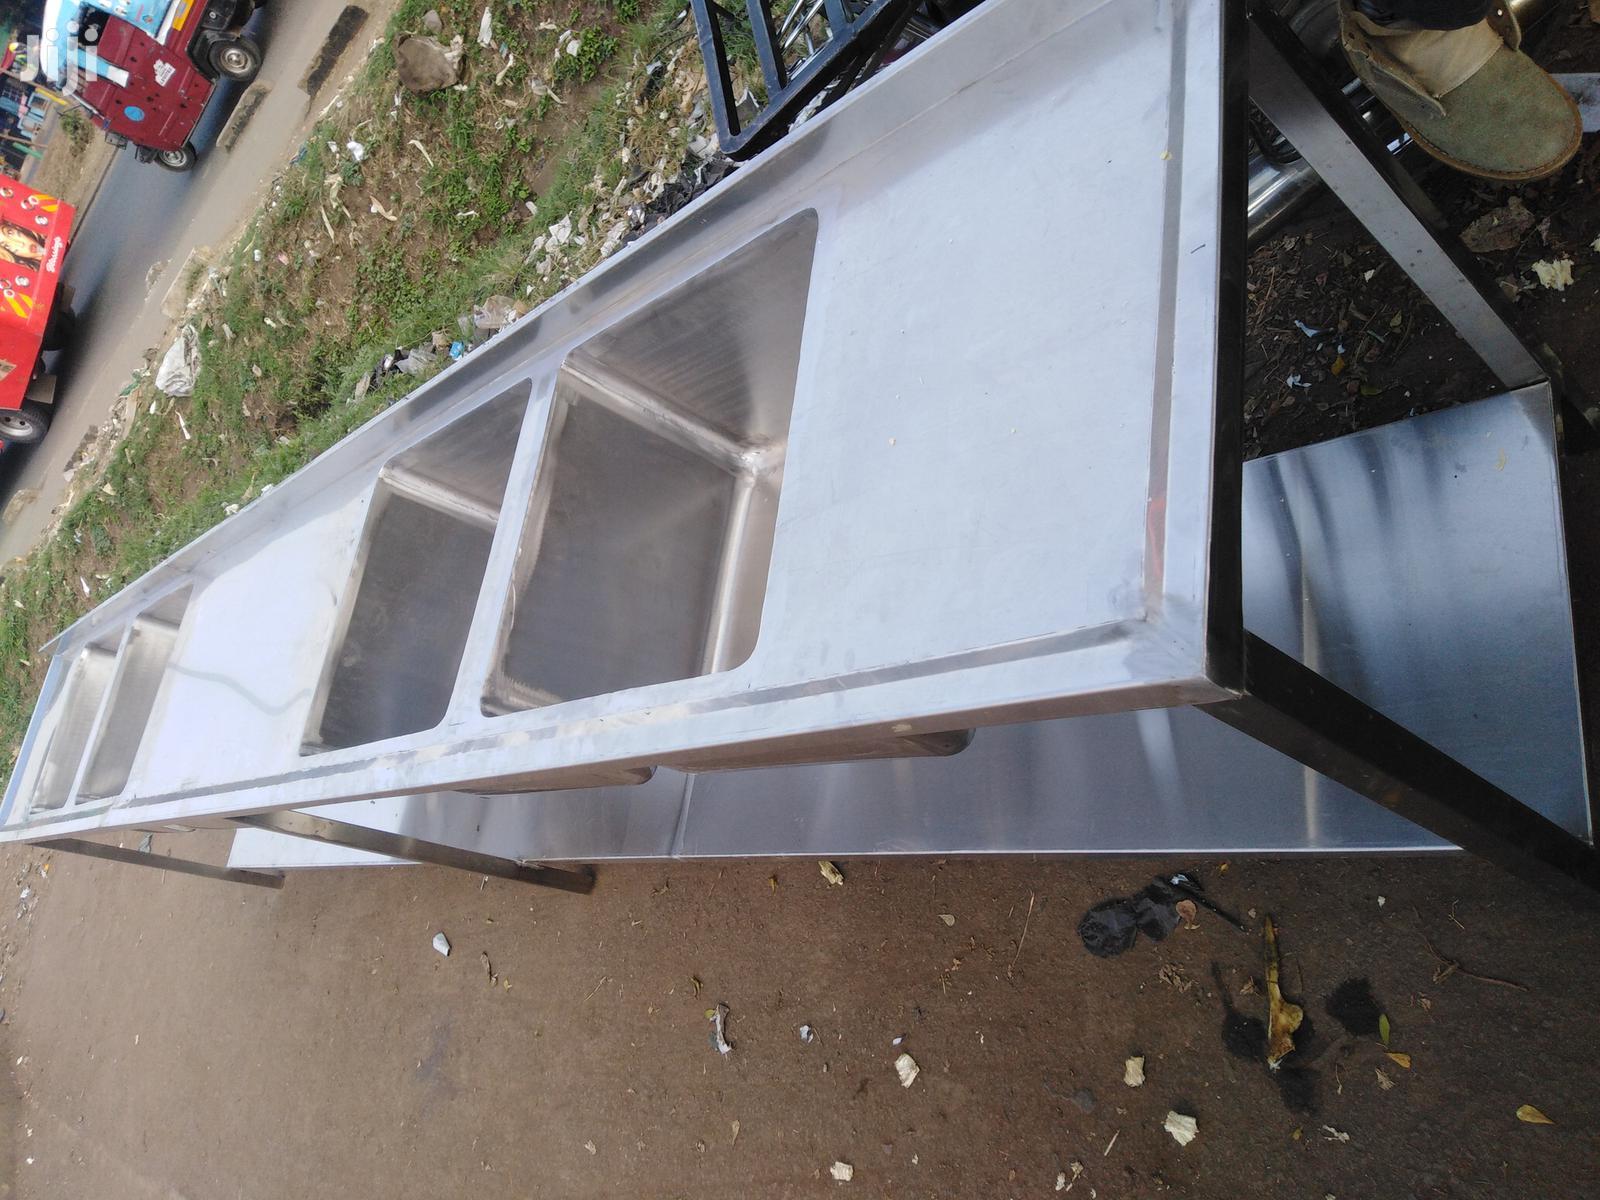 Commercial Stainless Steel Kitchen Sinks Heavy-duty | Restaurant & Catering Equipment for sale in Nairobi Central, Nairobi, Kenya